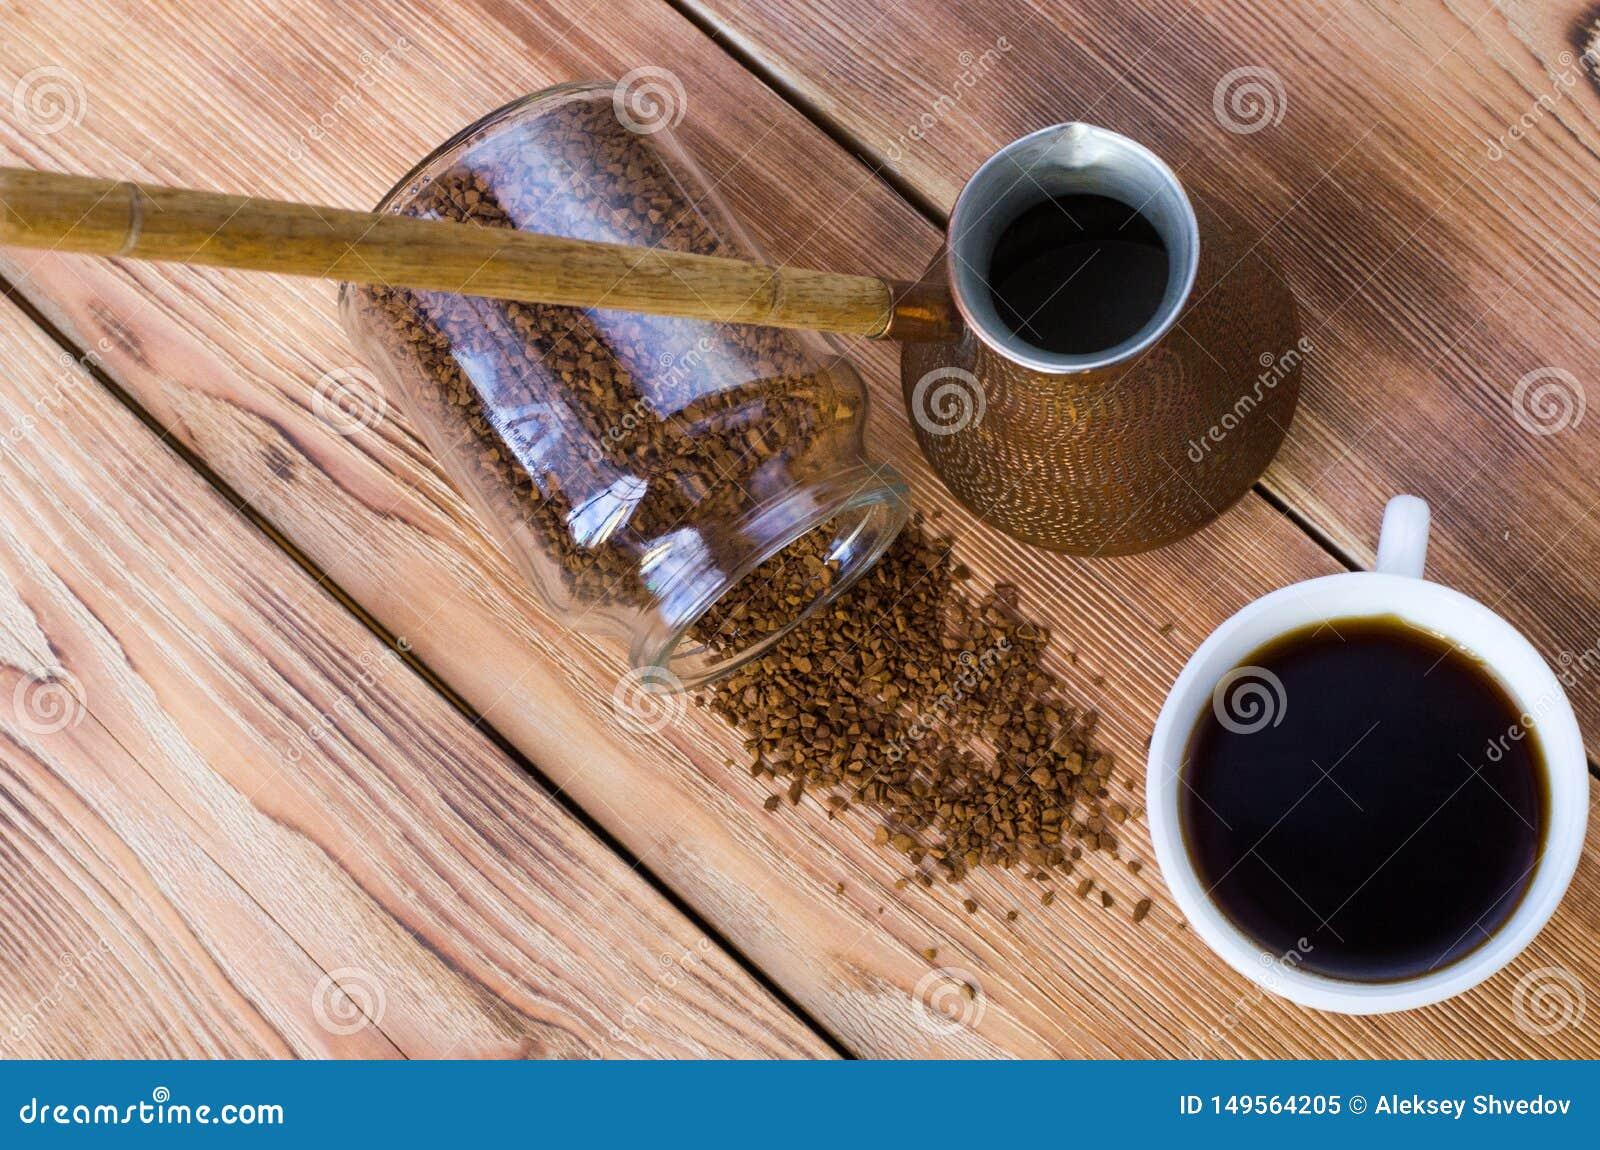 Kaffee steht nahe bei einer wei?en Schale, die mit hei?em Kaffee unter zerstreuten Kaffeebohnen, Tabelle, die Draufsicht gef?llt